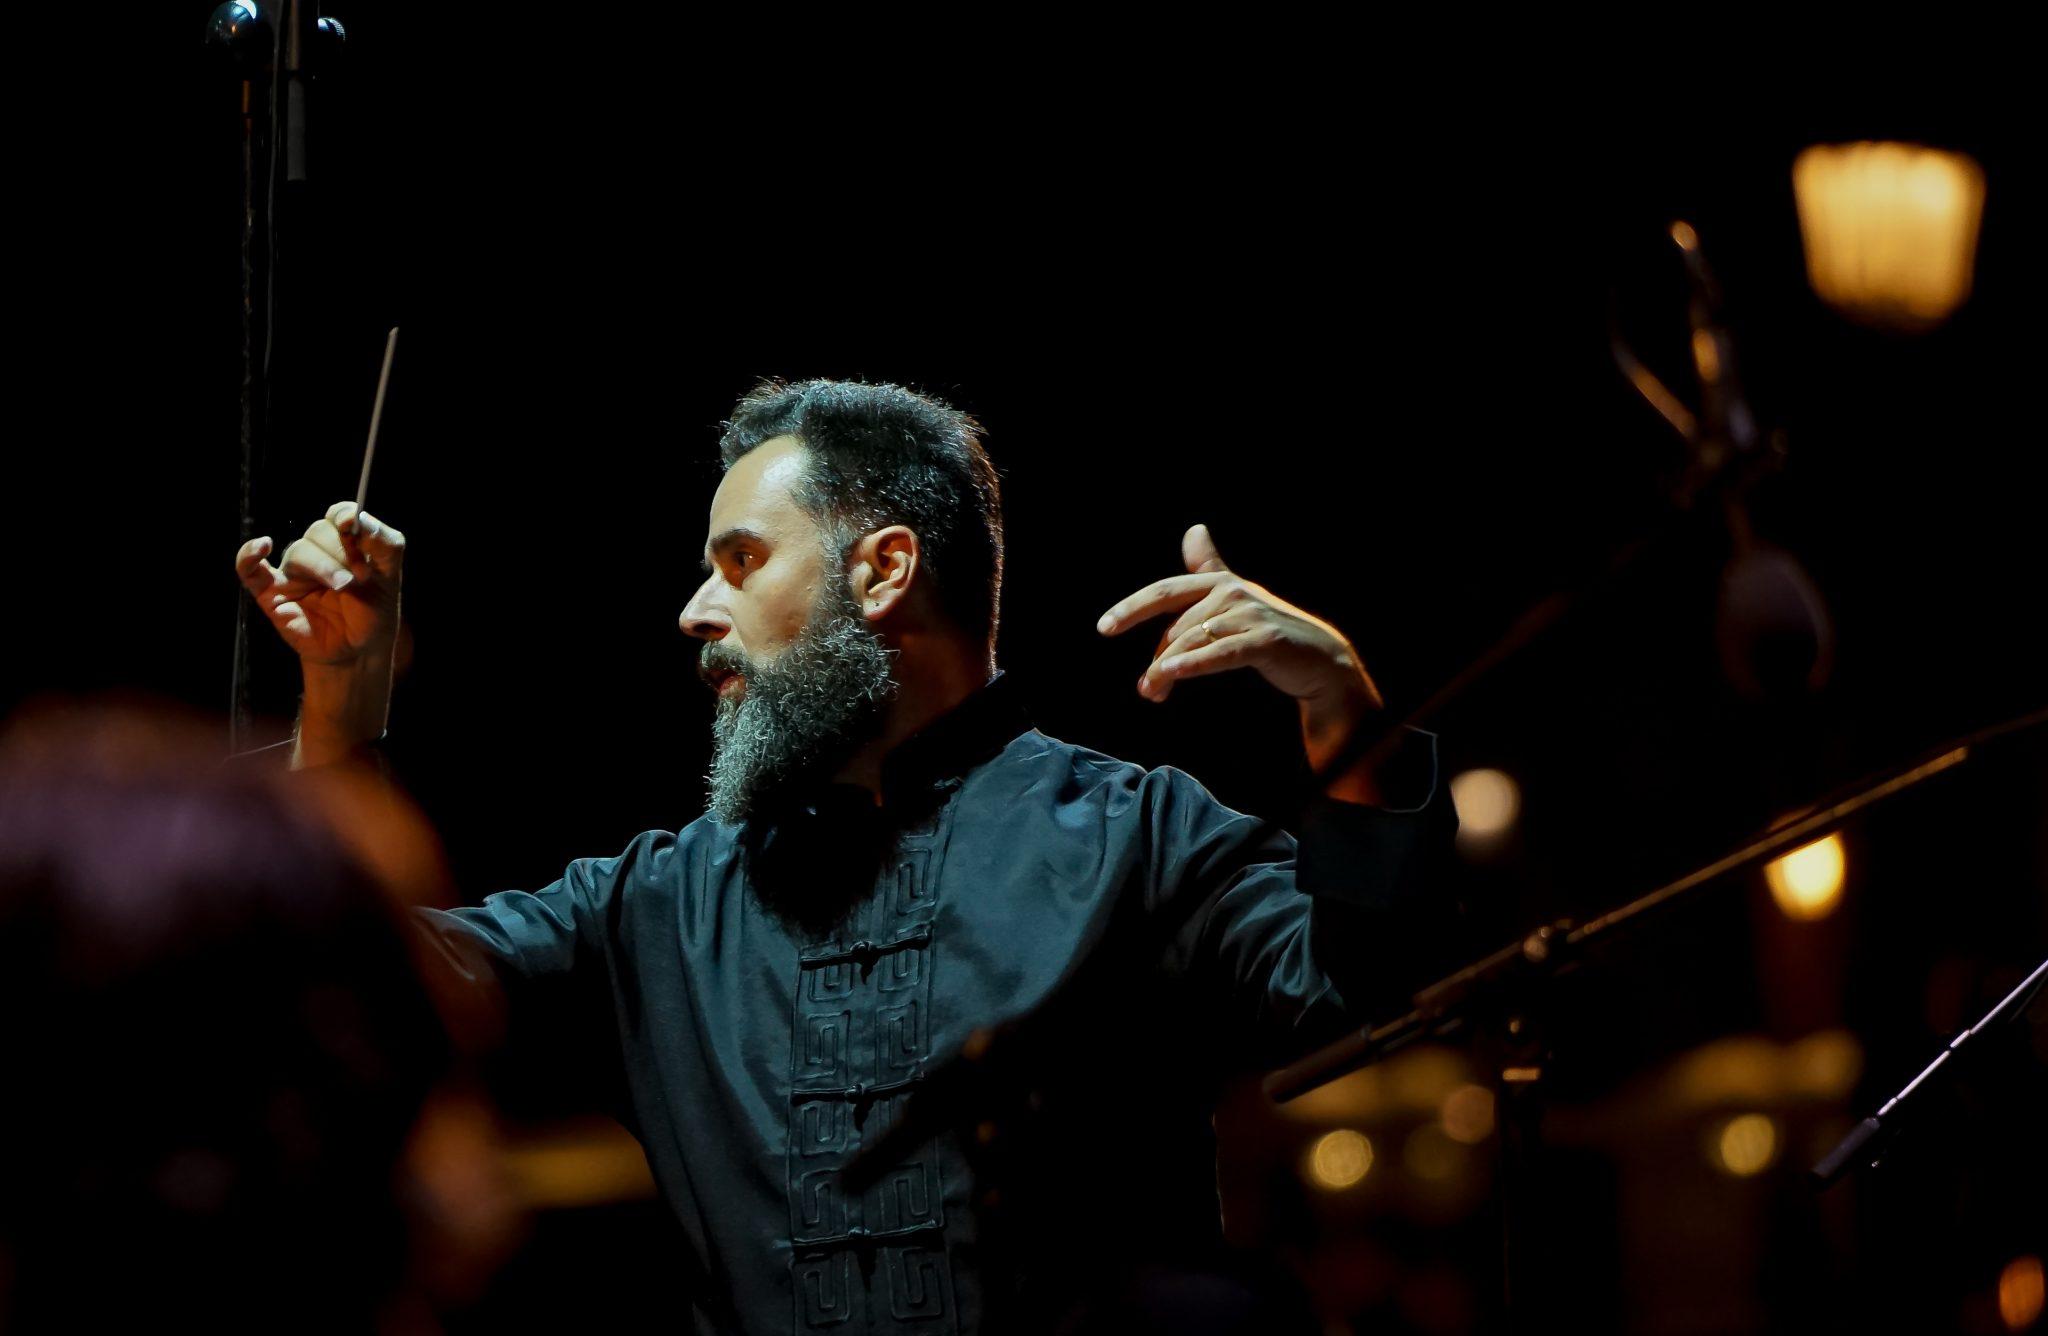 Maestro de barba com as mãos no ar e a batuta na mão que está do lado esquerdo do observador